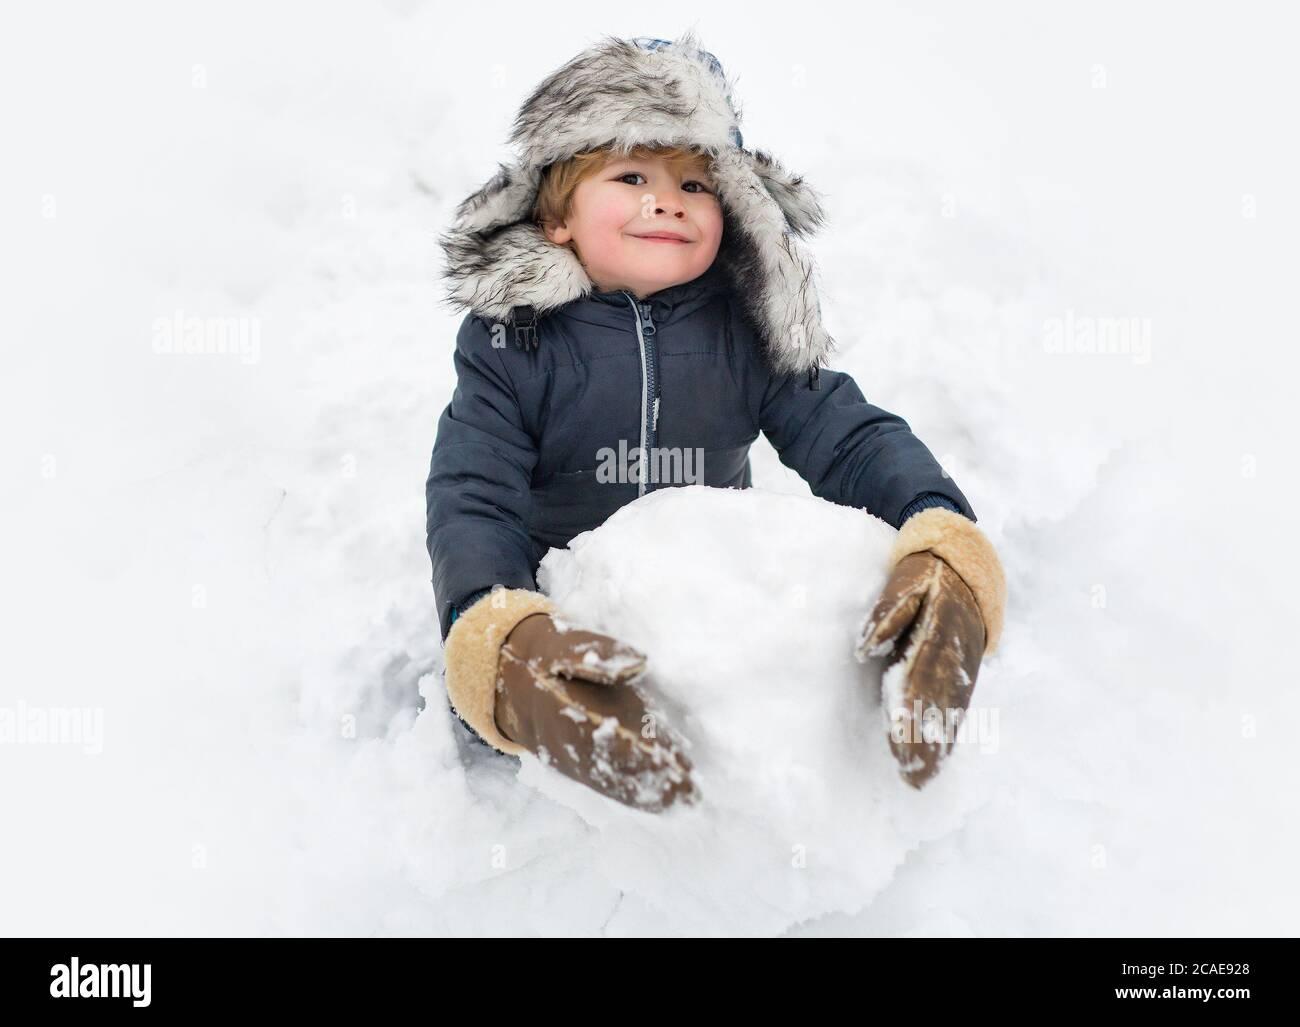 Lindo niño de pie en sombrero de invierno con nariz roja. Niño alegre Diversión y haciendo muñeco de nieve en Winter Park. Ropa de invierno para niños. Foto de stock